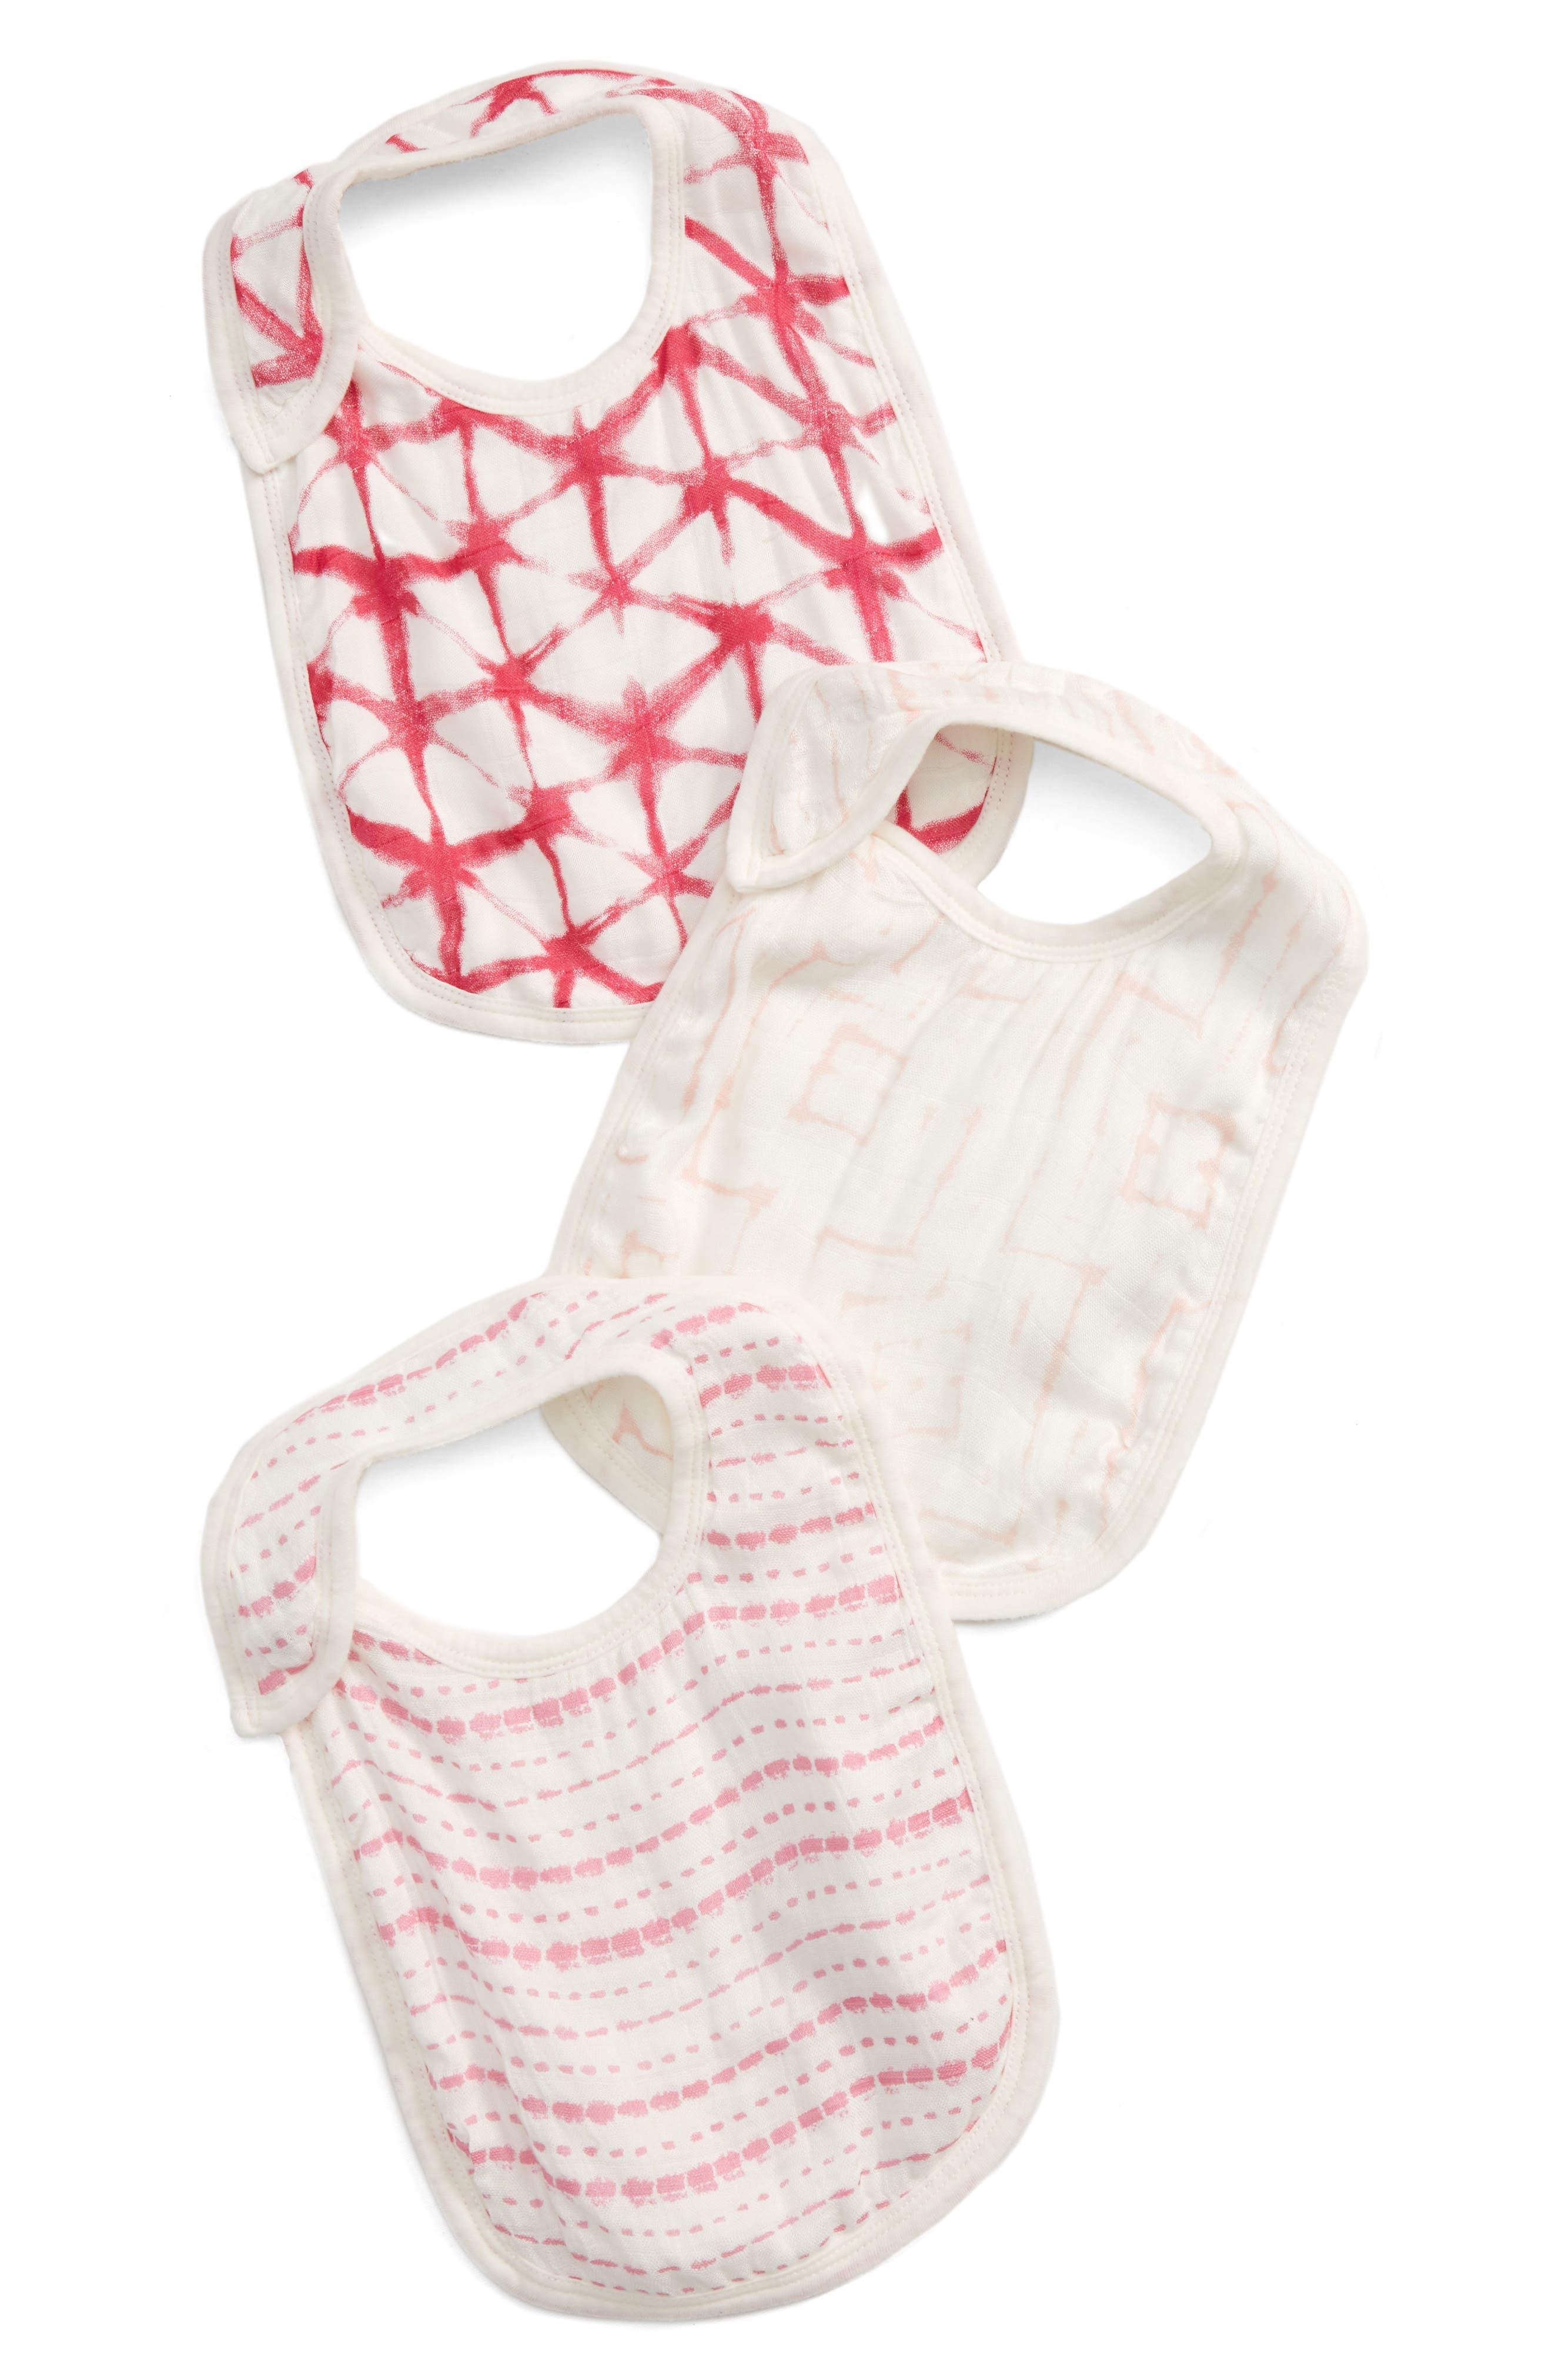 aden + anais 3-Pack Silky Soft Snap Bibs